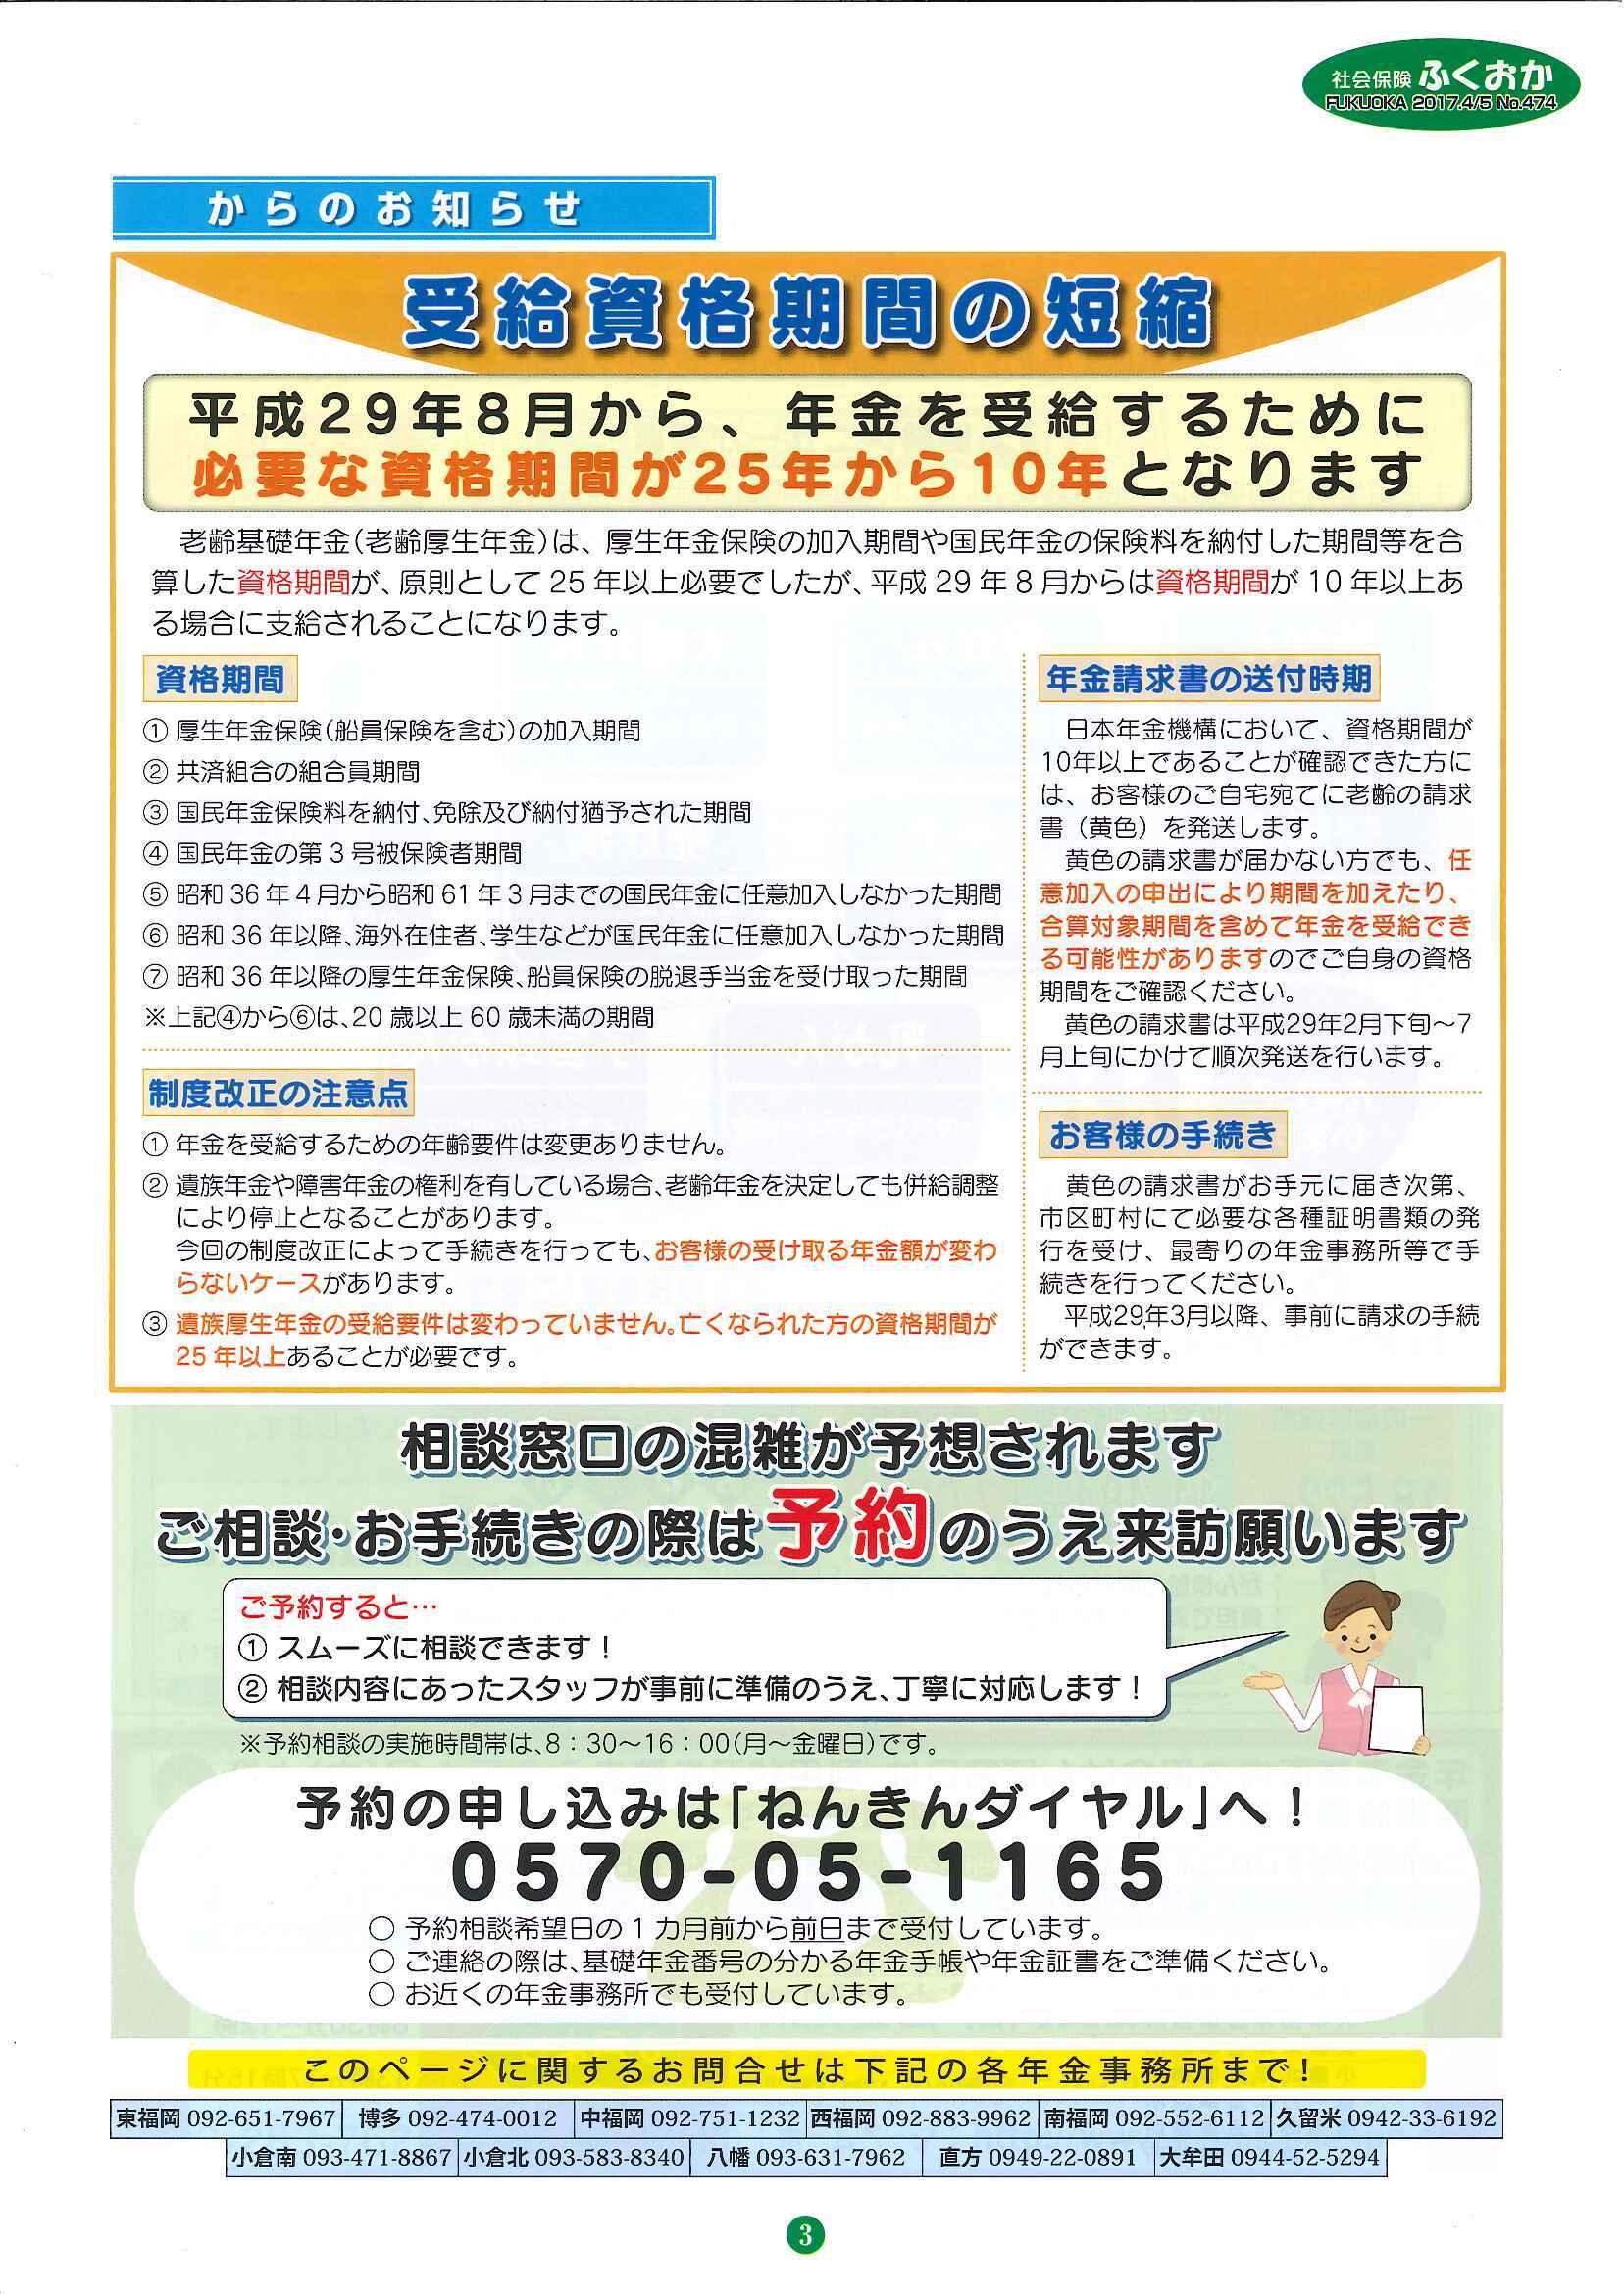 社会保険「ふくおか」2017年4・5月号_f0120774_15562716.jpg